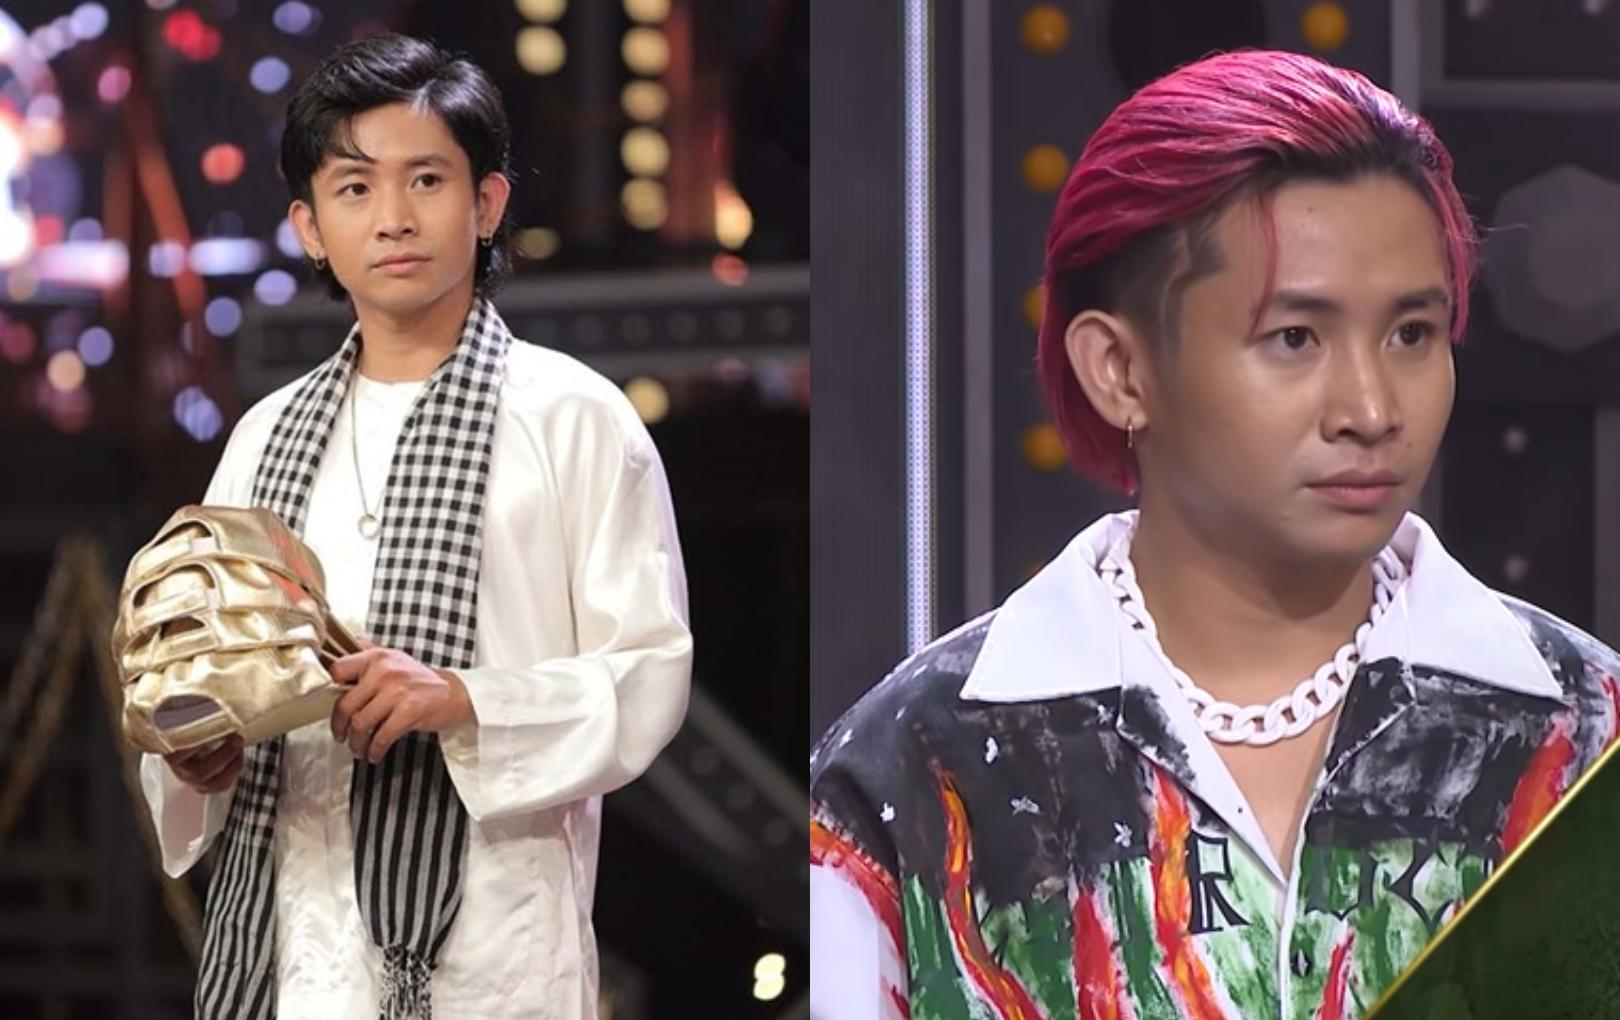 """Vào team Binz, Ricky Star """"lột xác"""" từ trai quê thành """"bigcityboi"""", còn nhuộm tóc hồng nổi bần bật"""